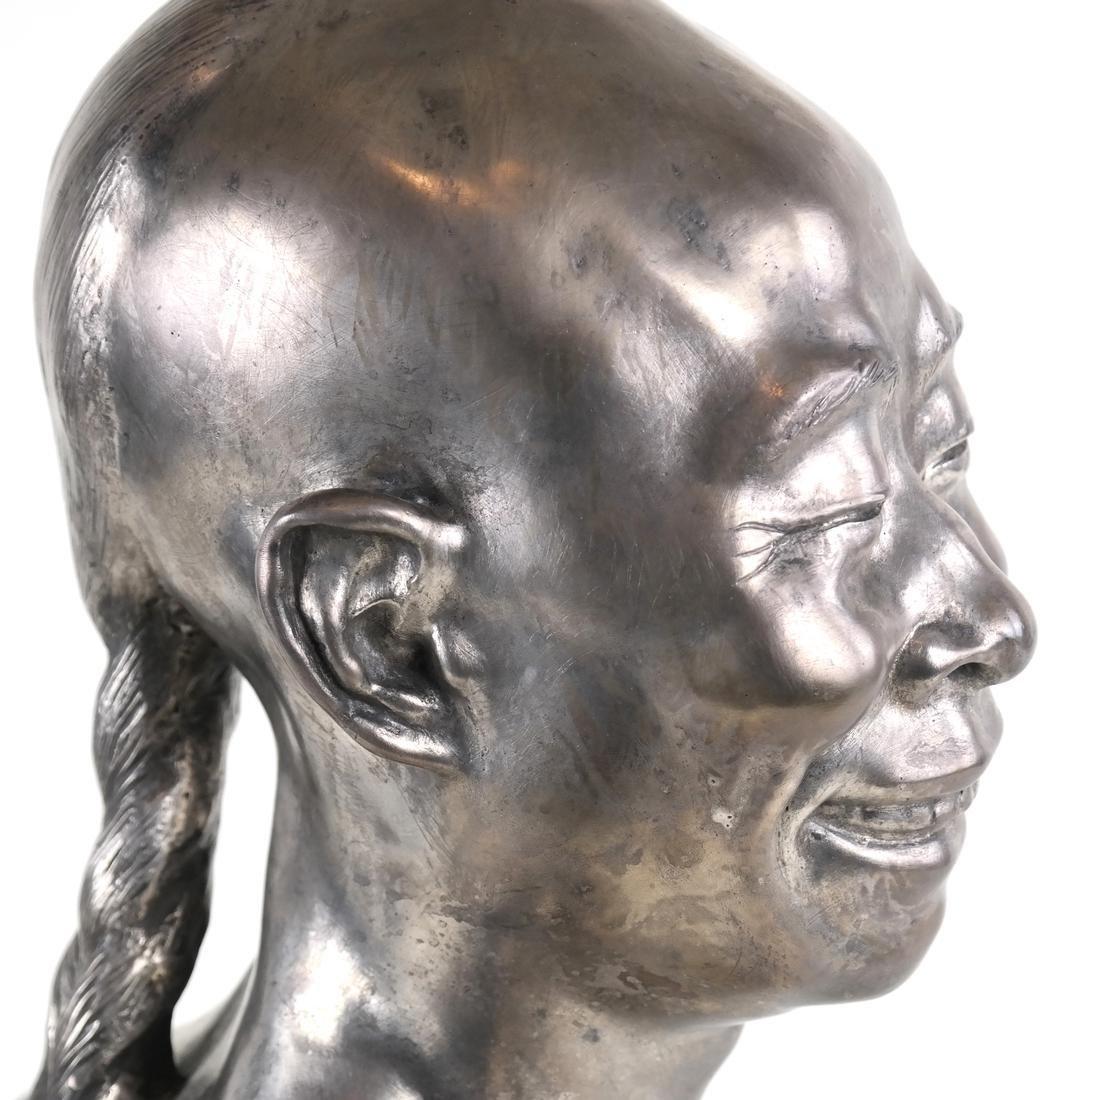 Chih-Fan Bronze Sculpture by Jean Mich - 10